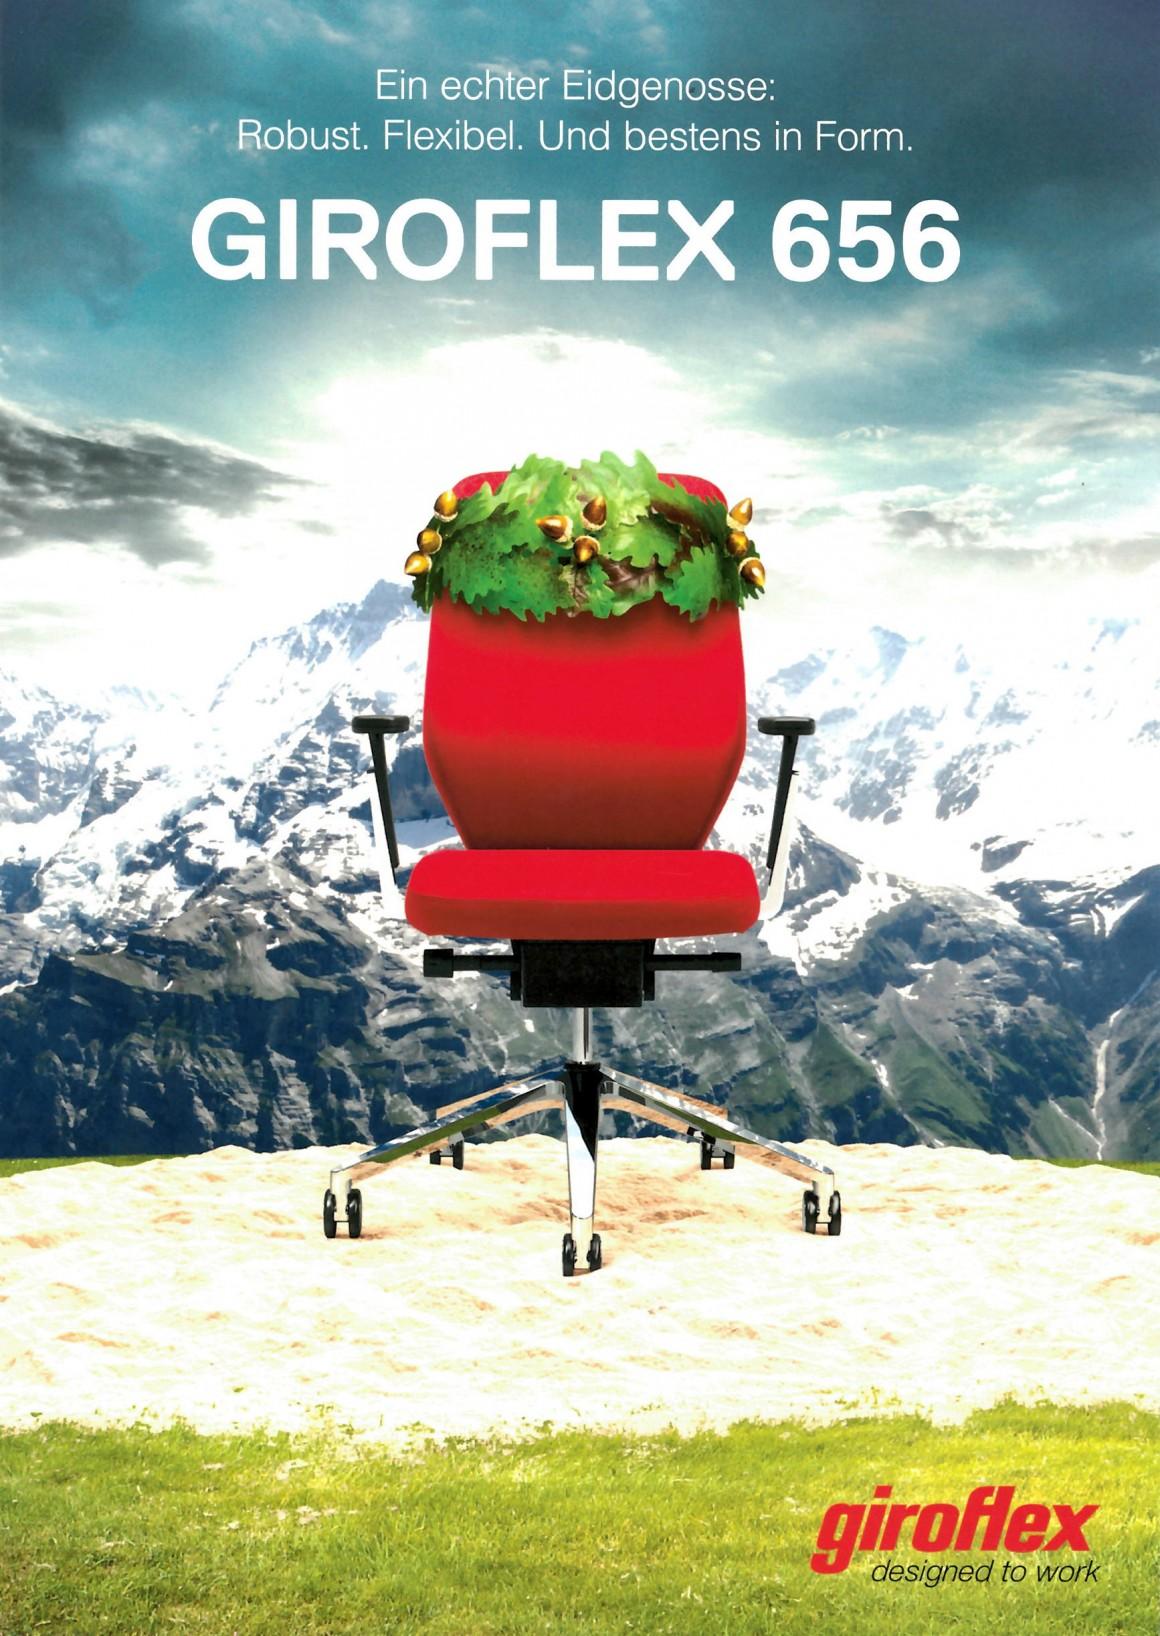 GIROFLEX 656